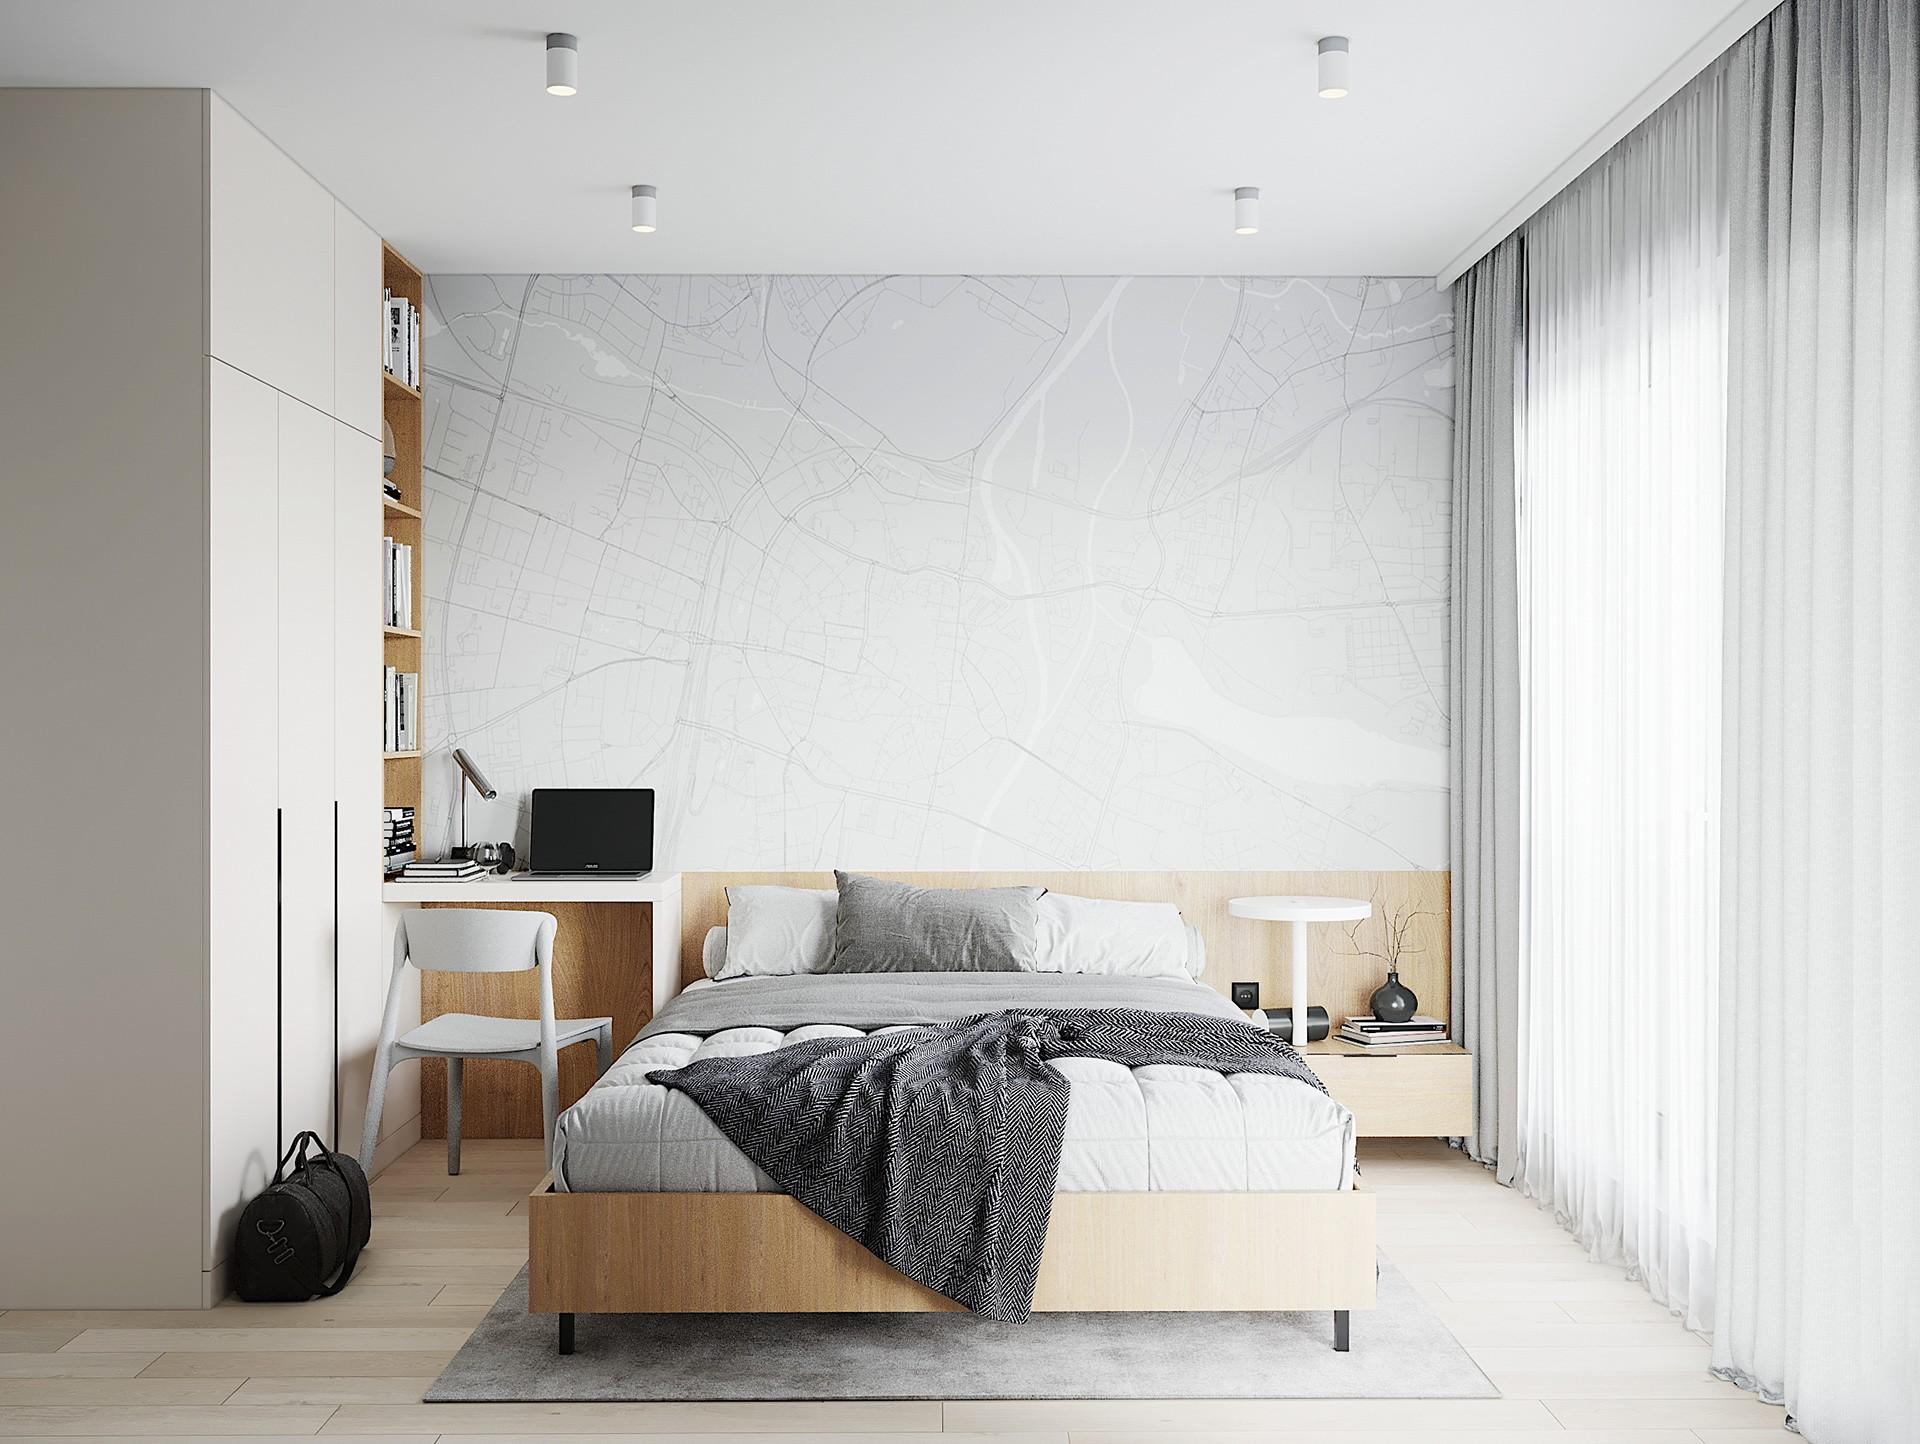 Thiết kế nội thất phòng ngủ: Phong cách Scandinavian (Bắc Âu)